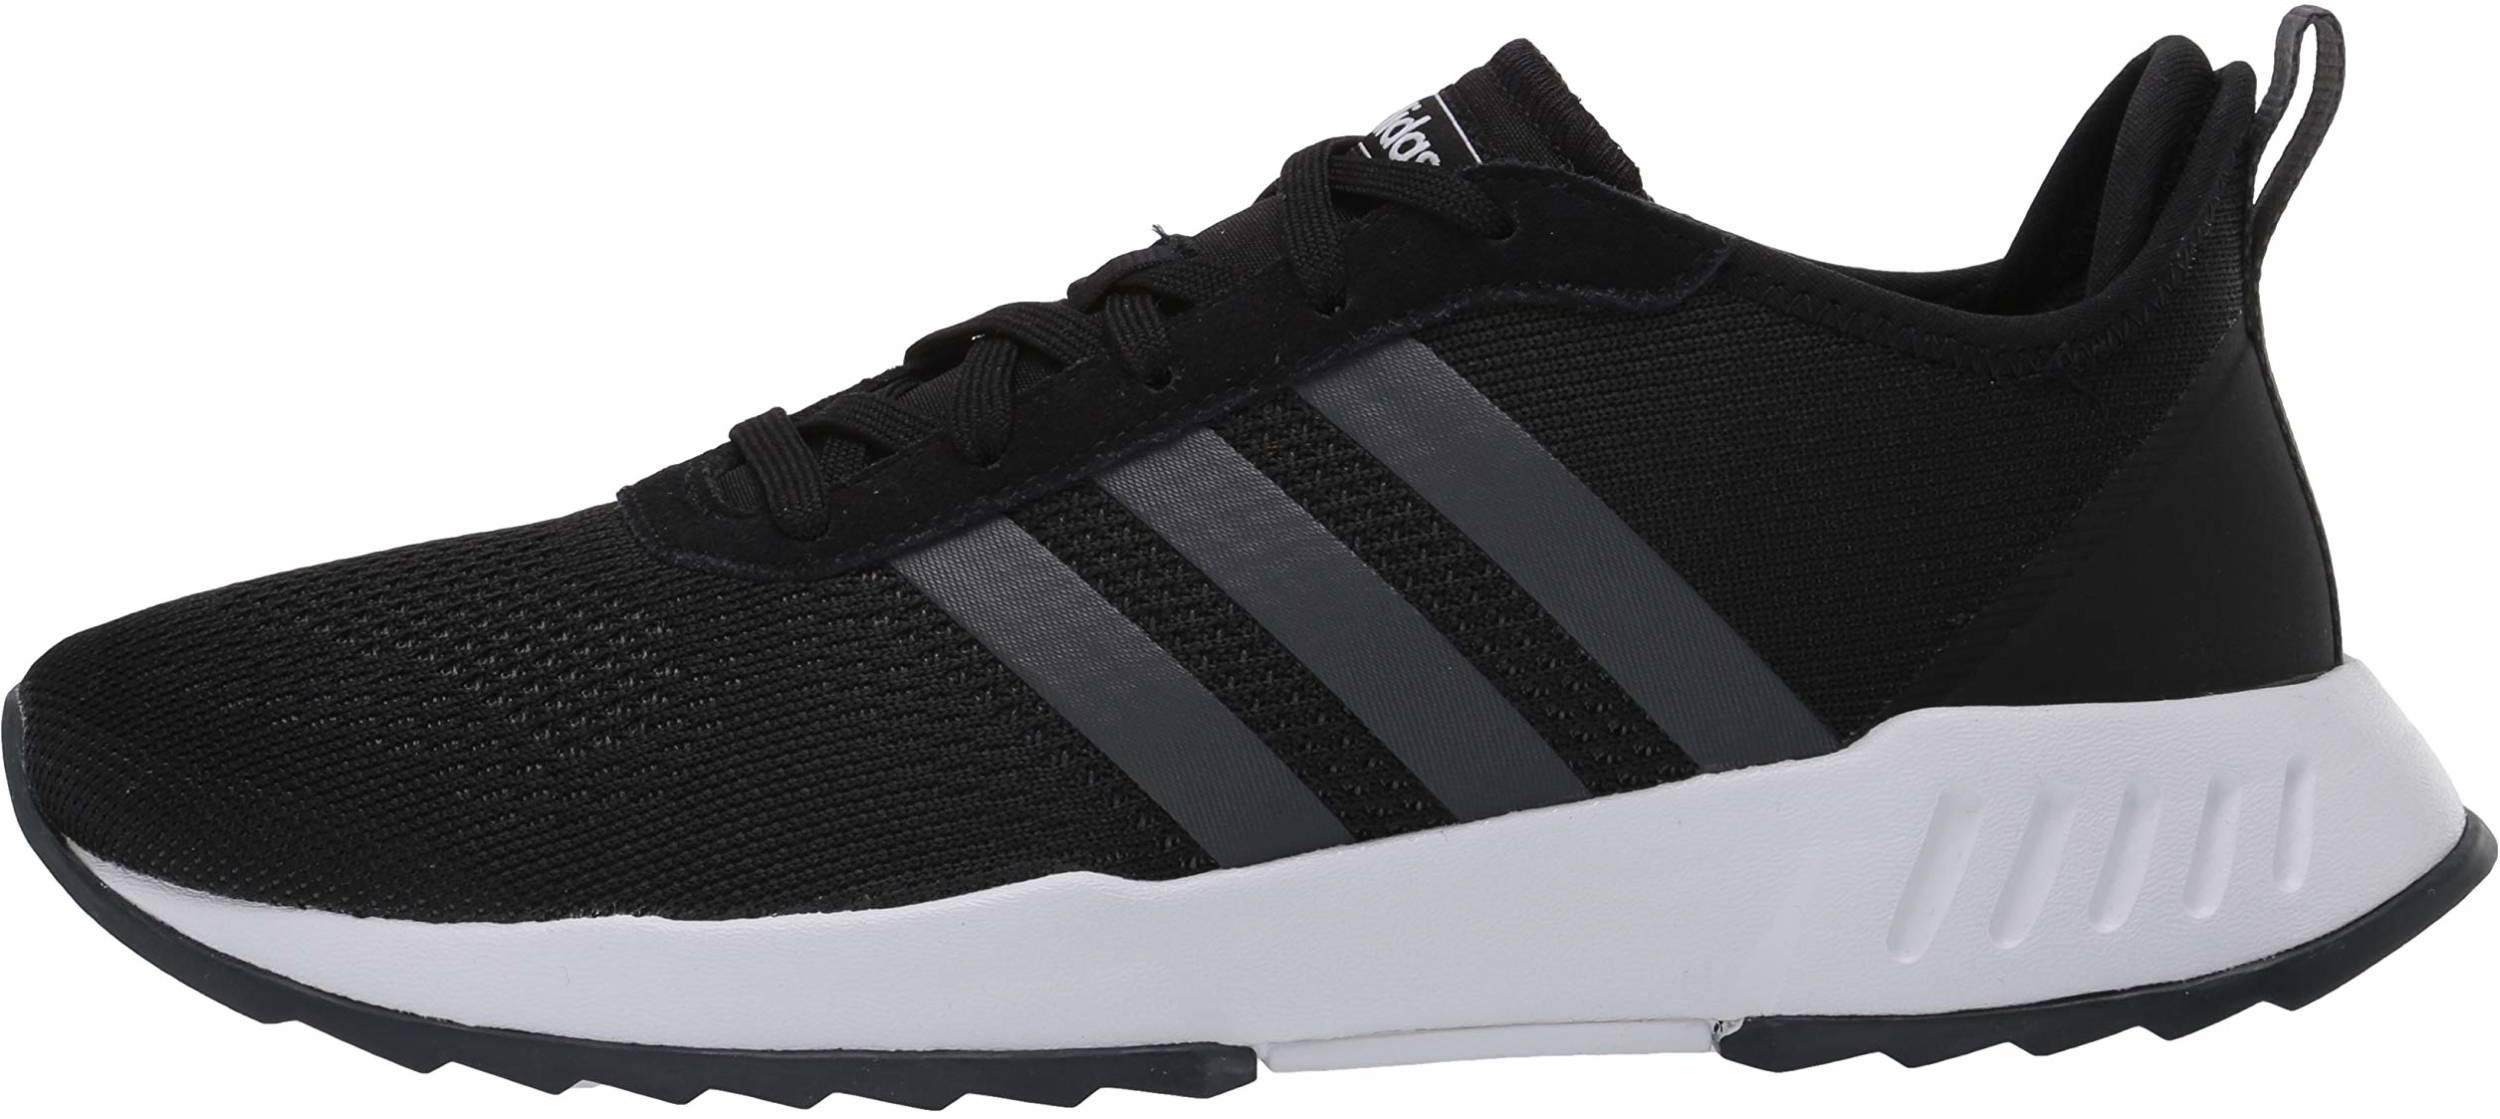 Adidas Phosphere sneakers in 7 colors (only £44) | RunRepeat